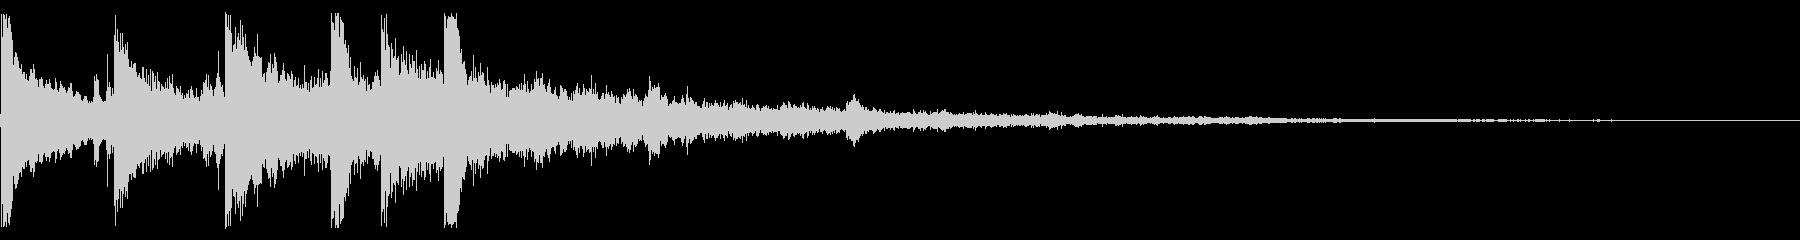 ダーク フレーズ トイピアノの未再生の波形